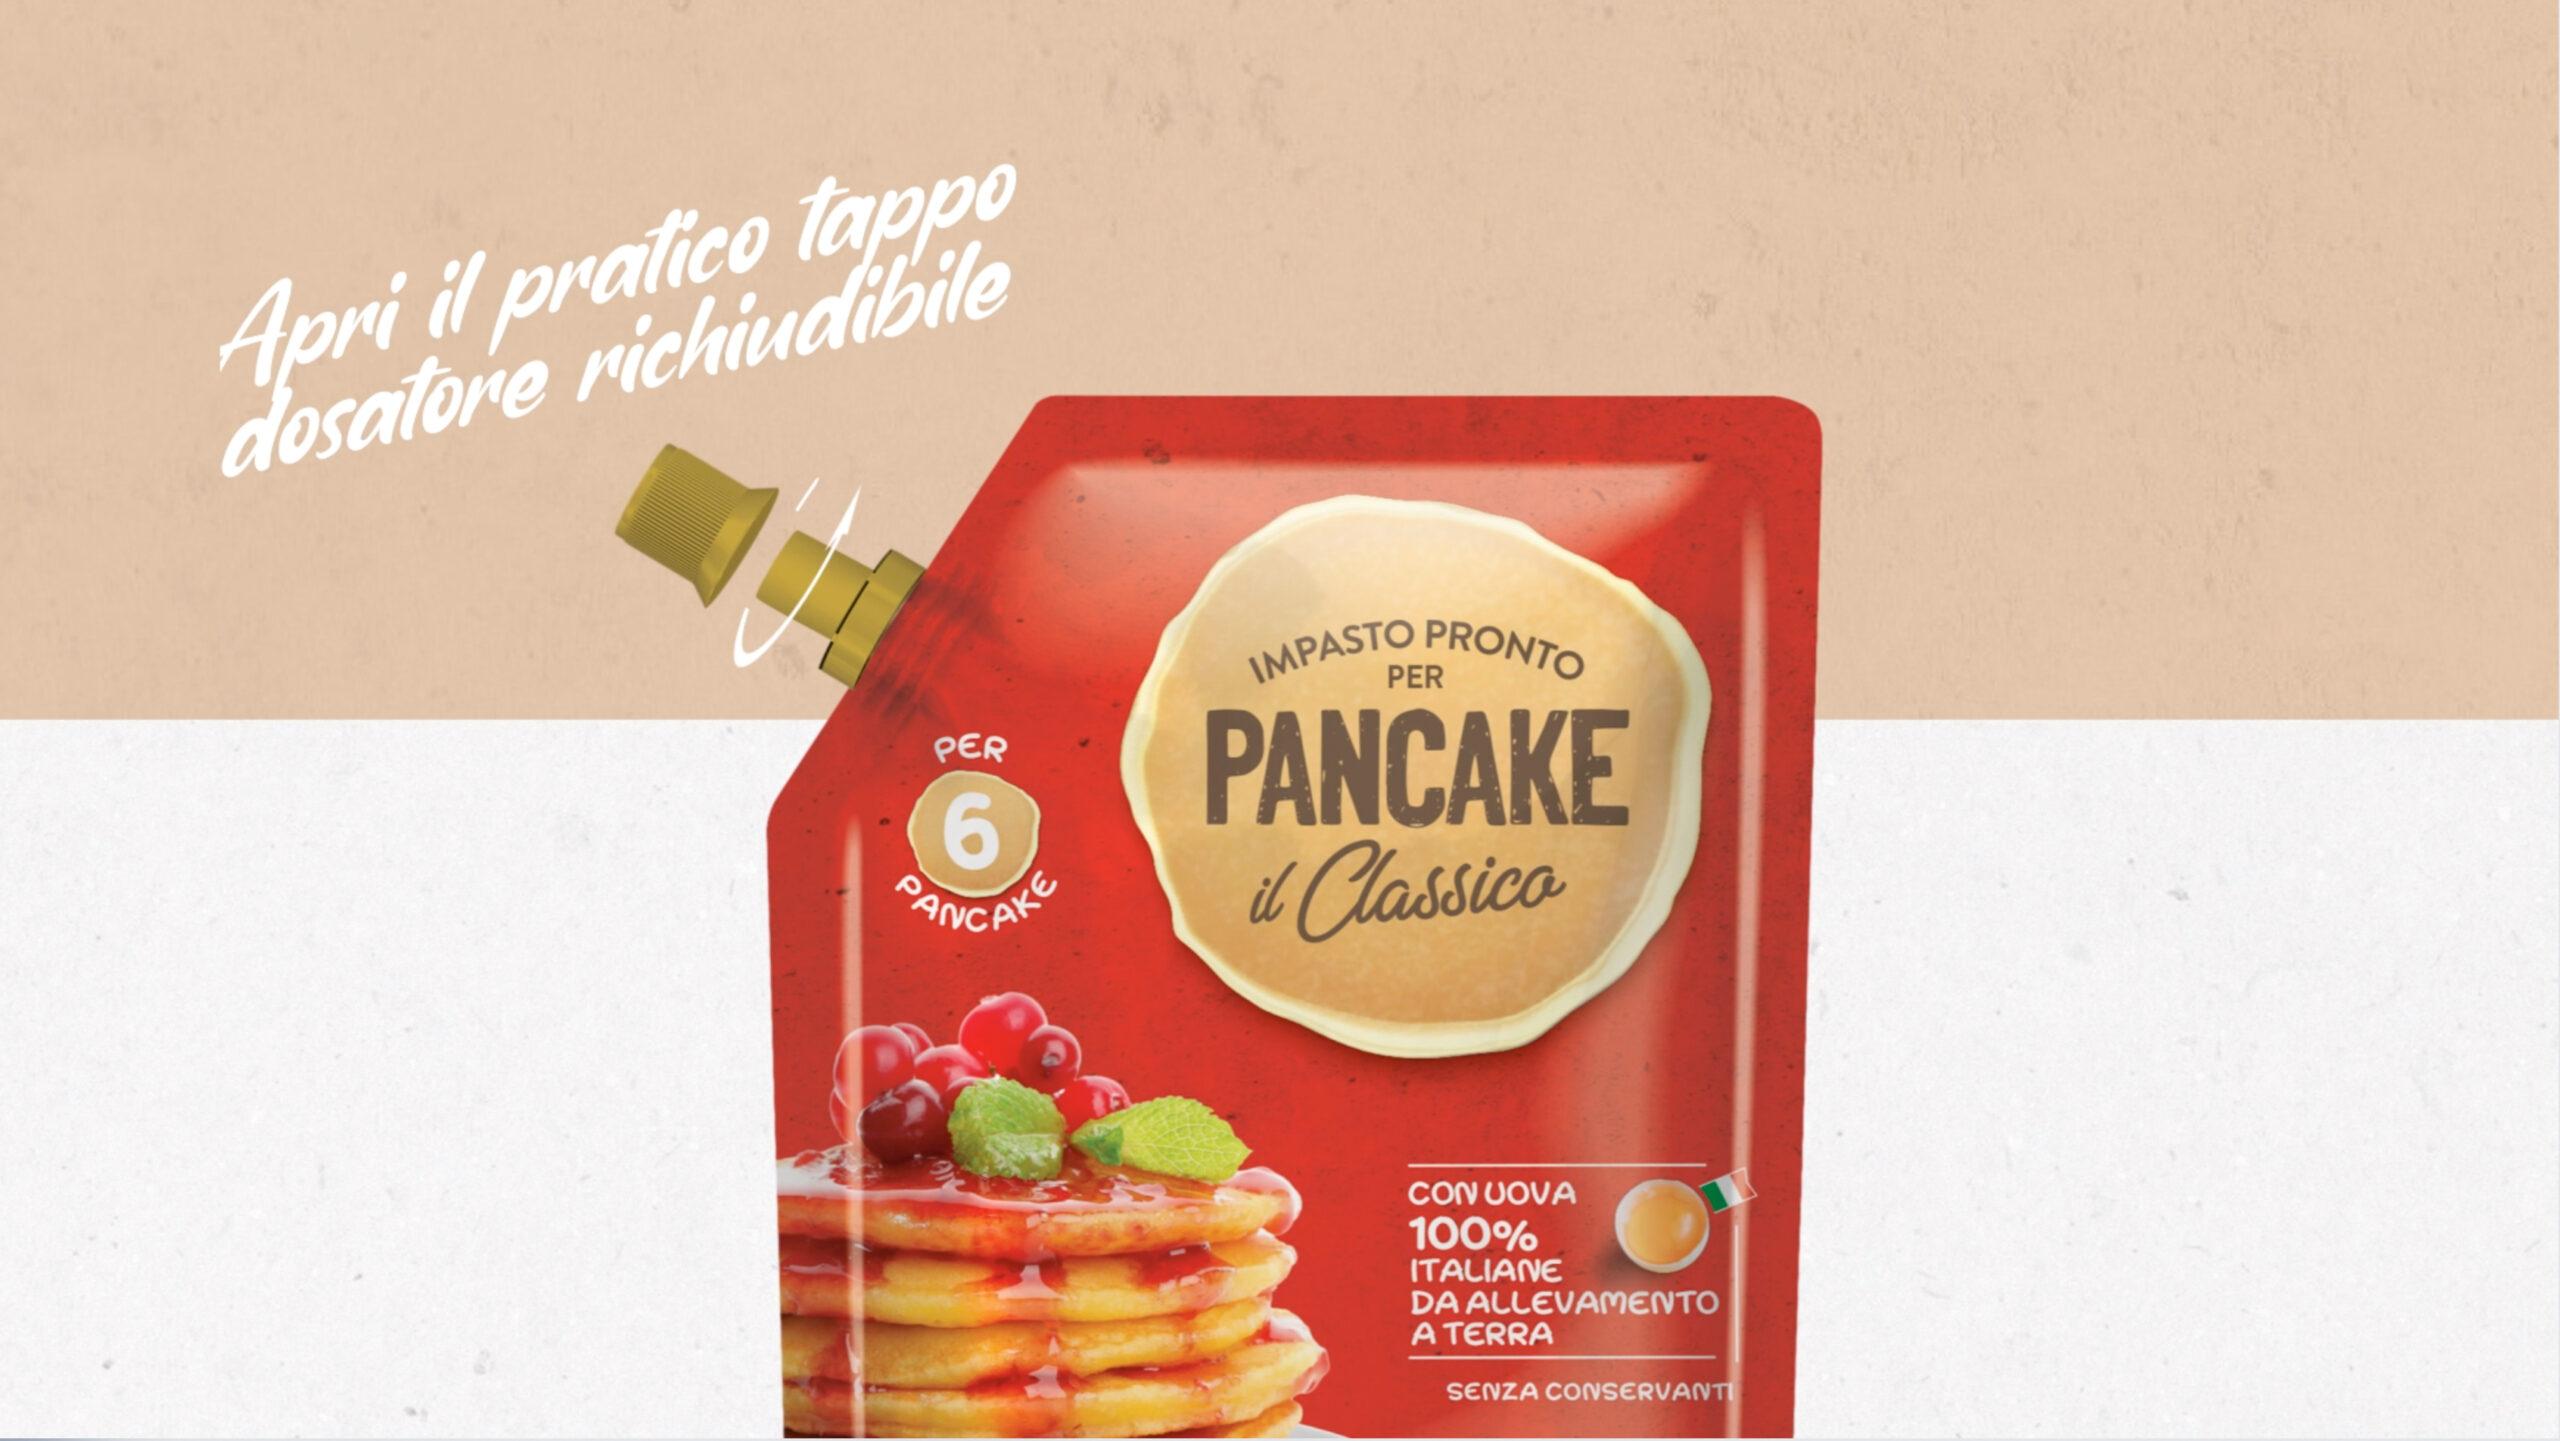 Pancake making of